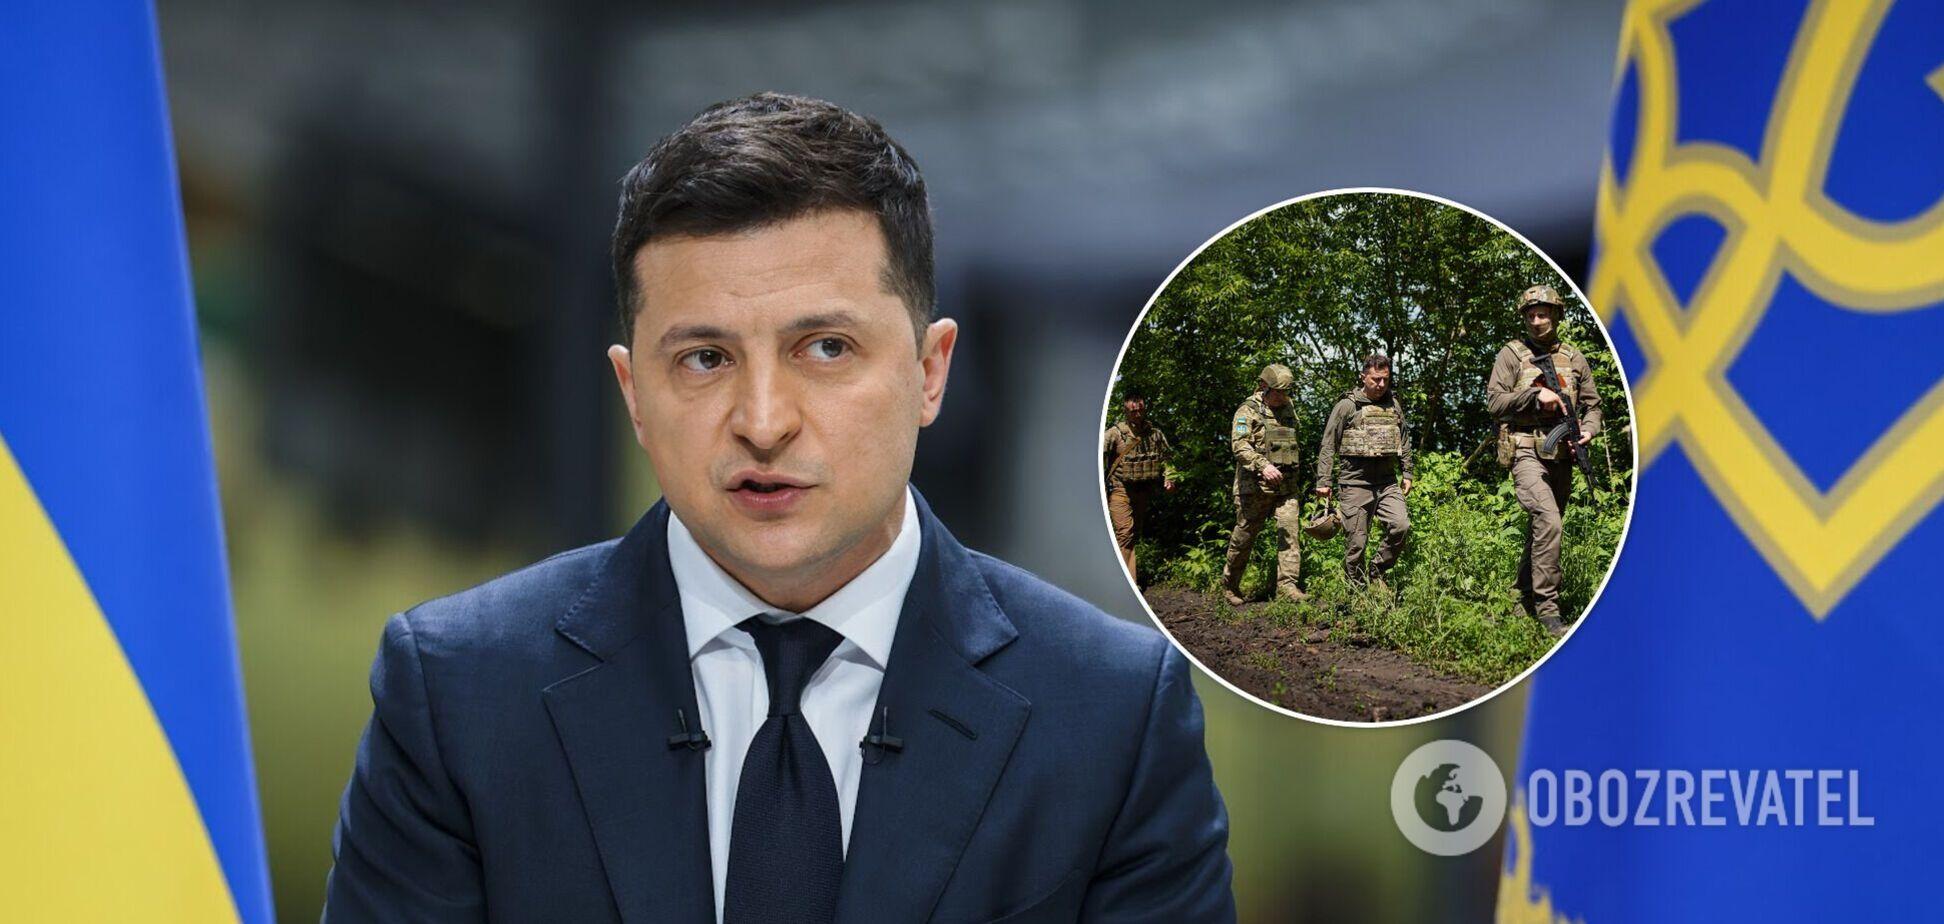 Переговоры по Донбассу